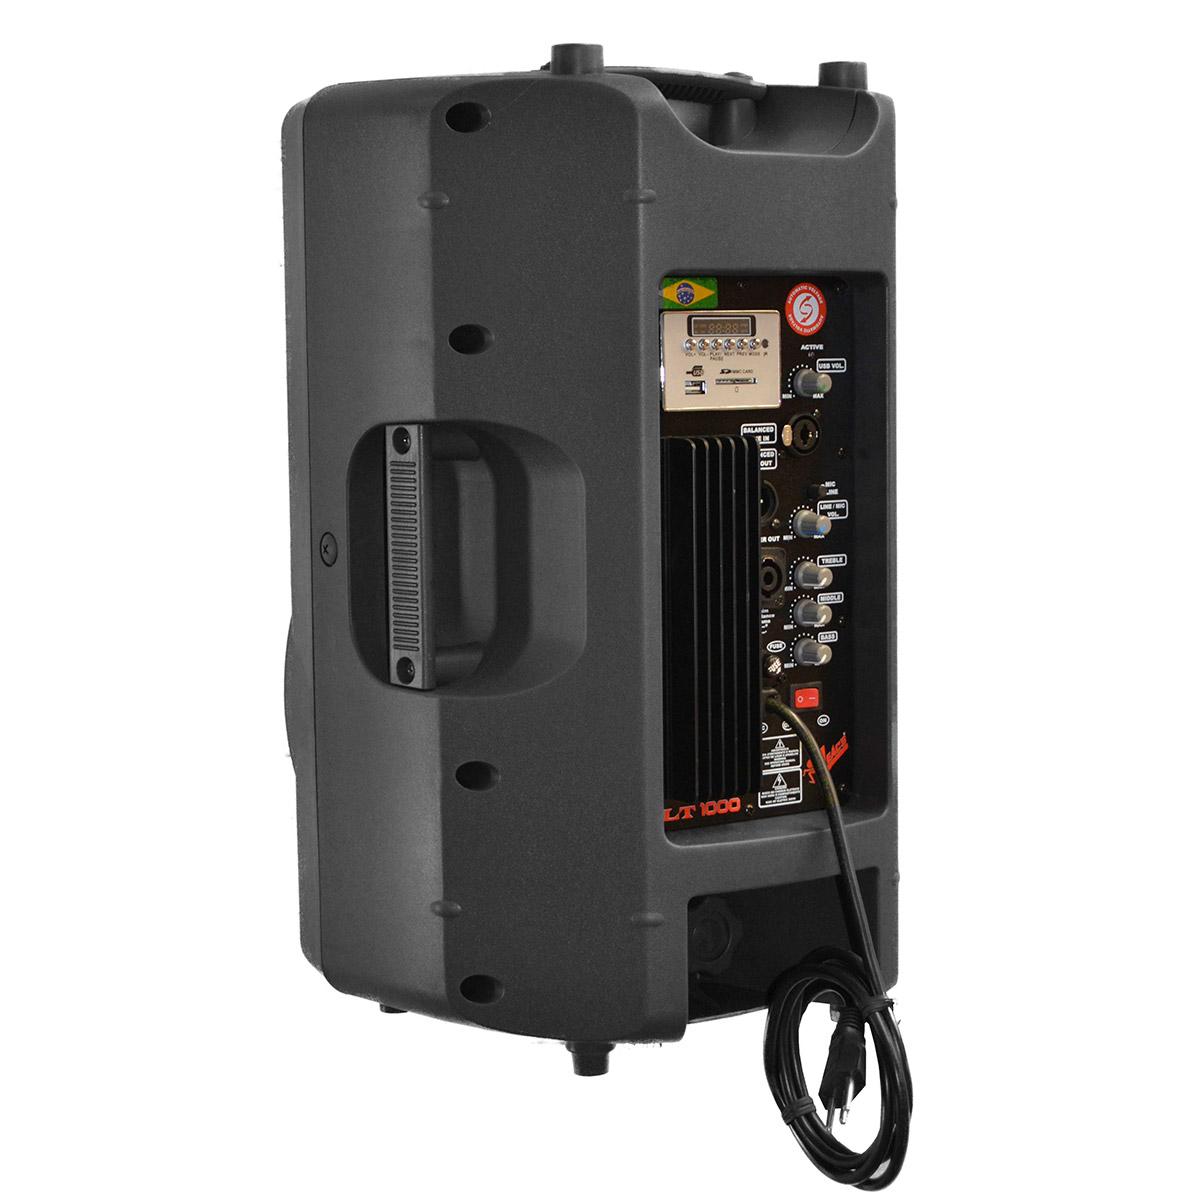 LT1000 - Caixa Ativa 150W c/ Player USB LT 1000 - Leacs